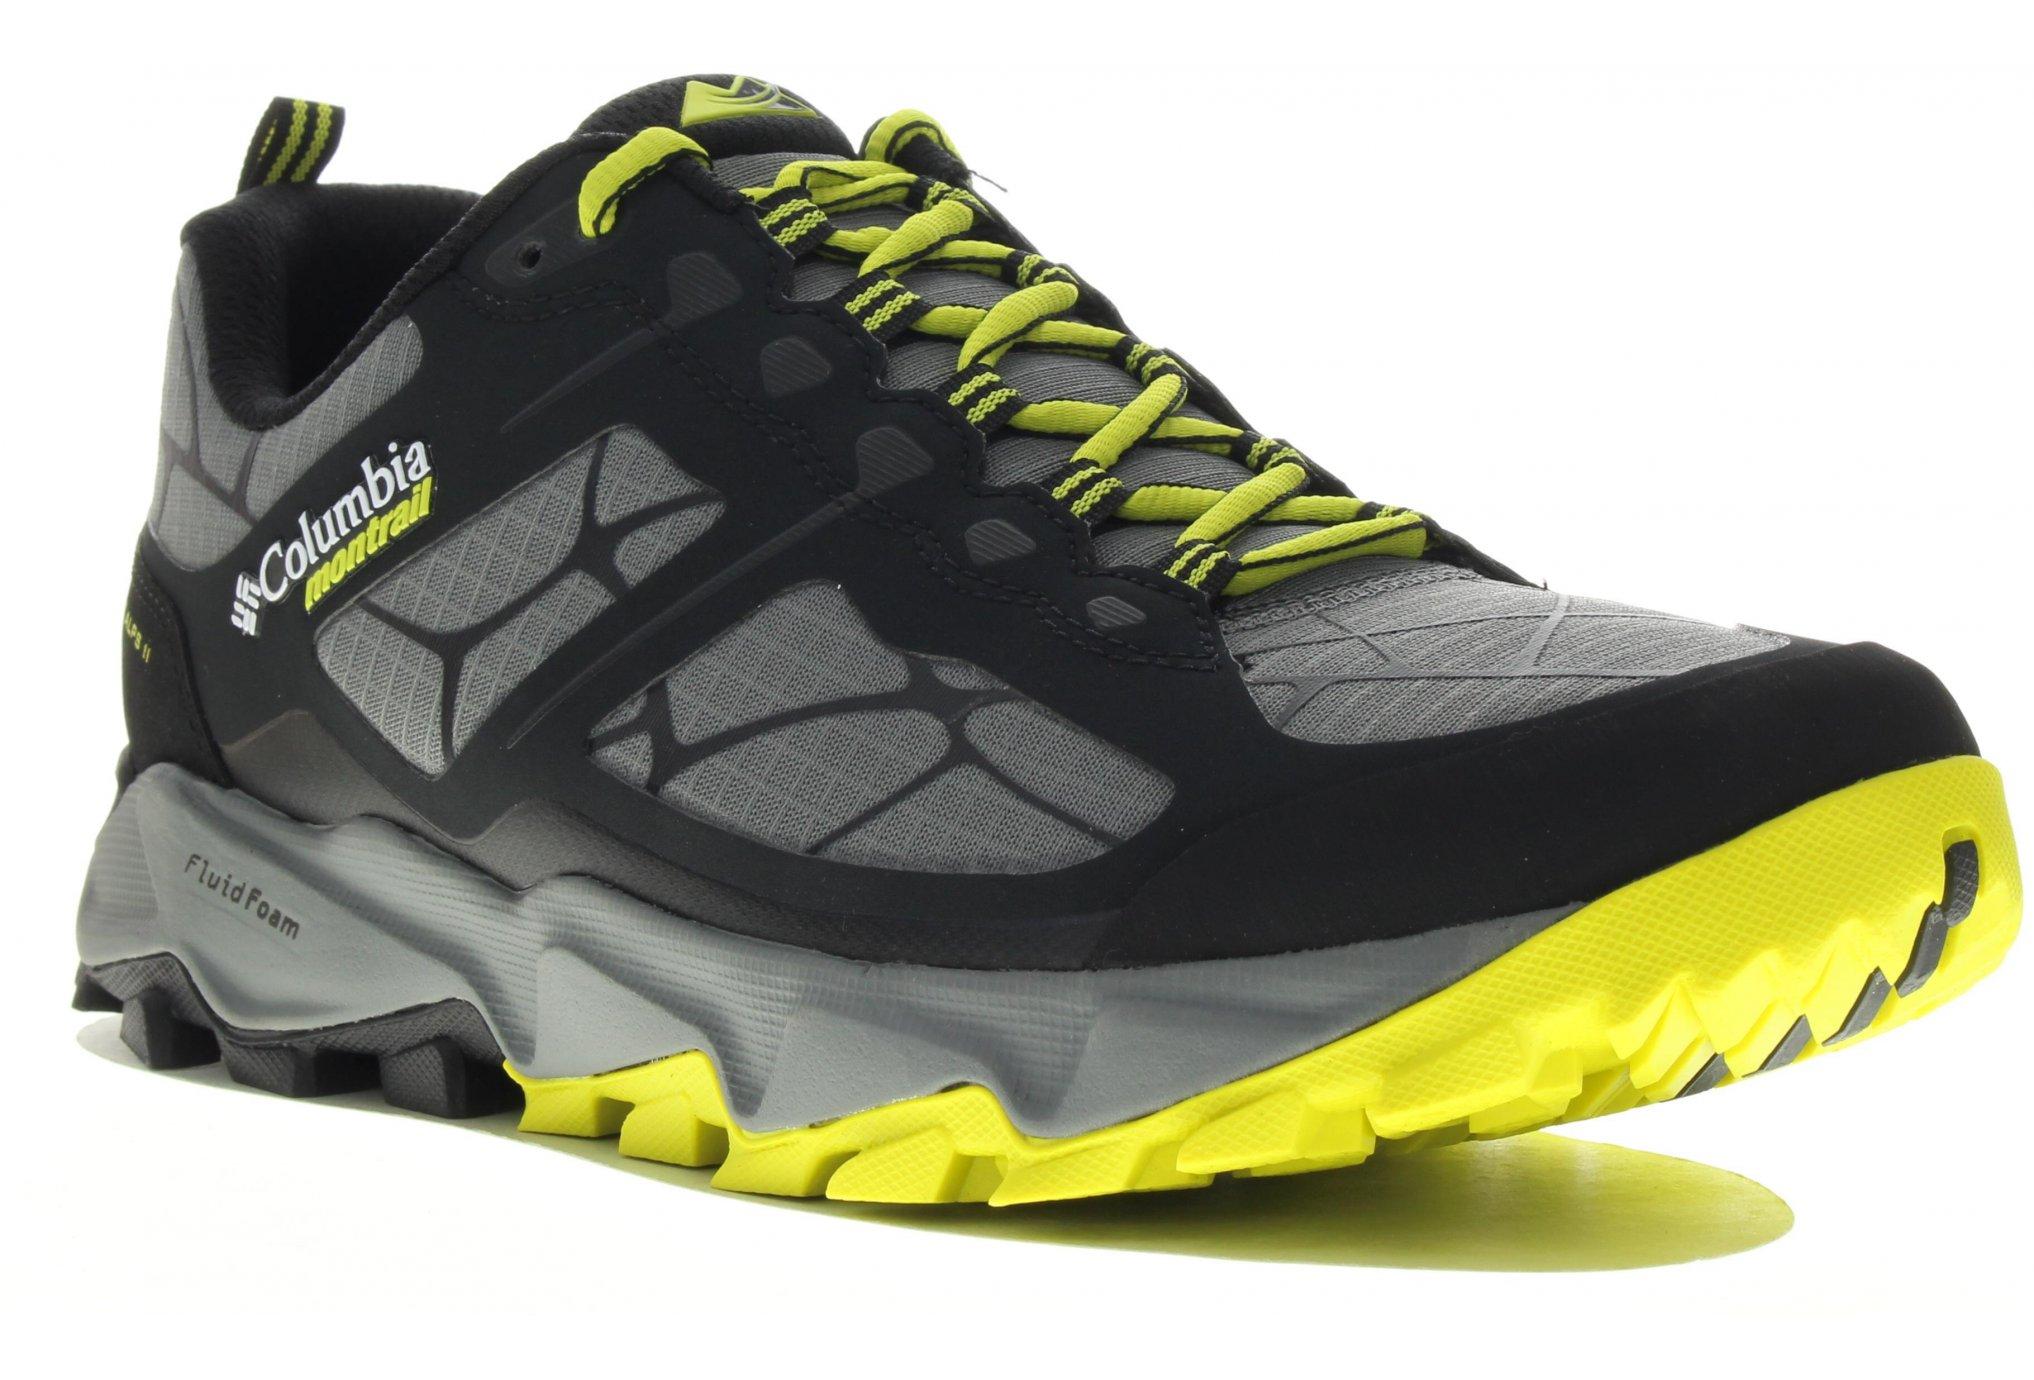 Columbia Montrail Trans Alps II M Diététique Chaussures homme